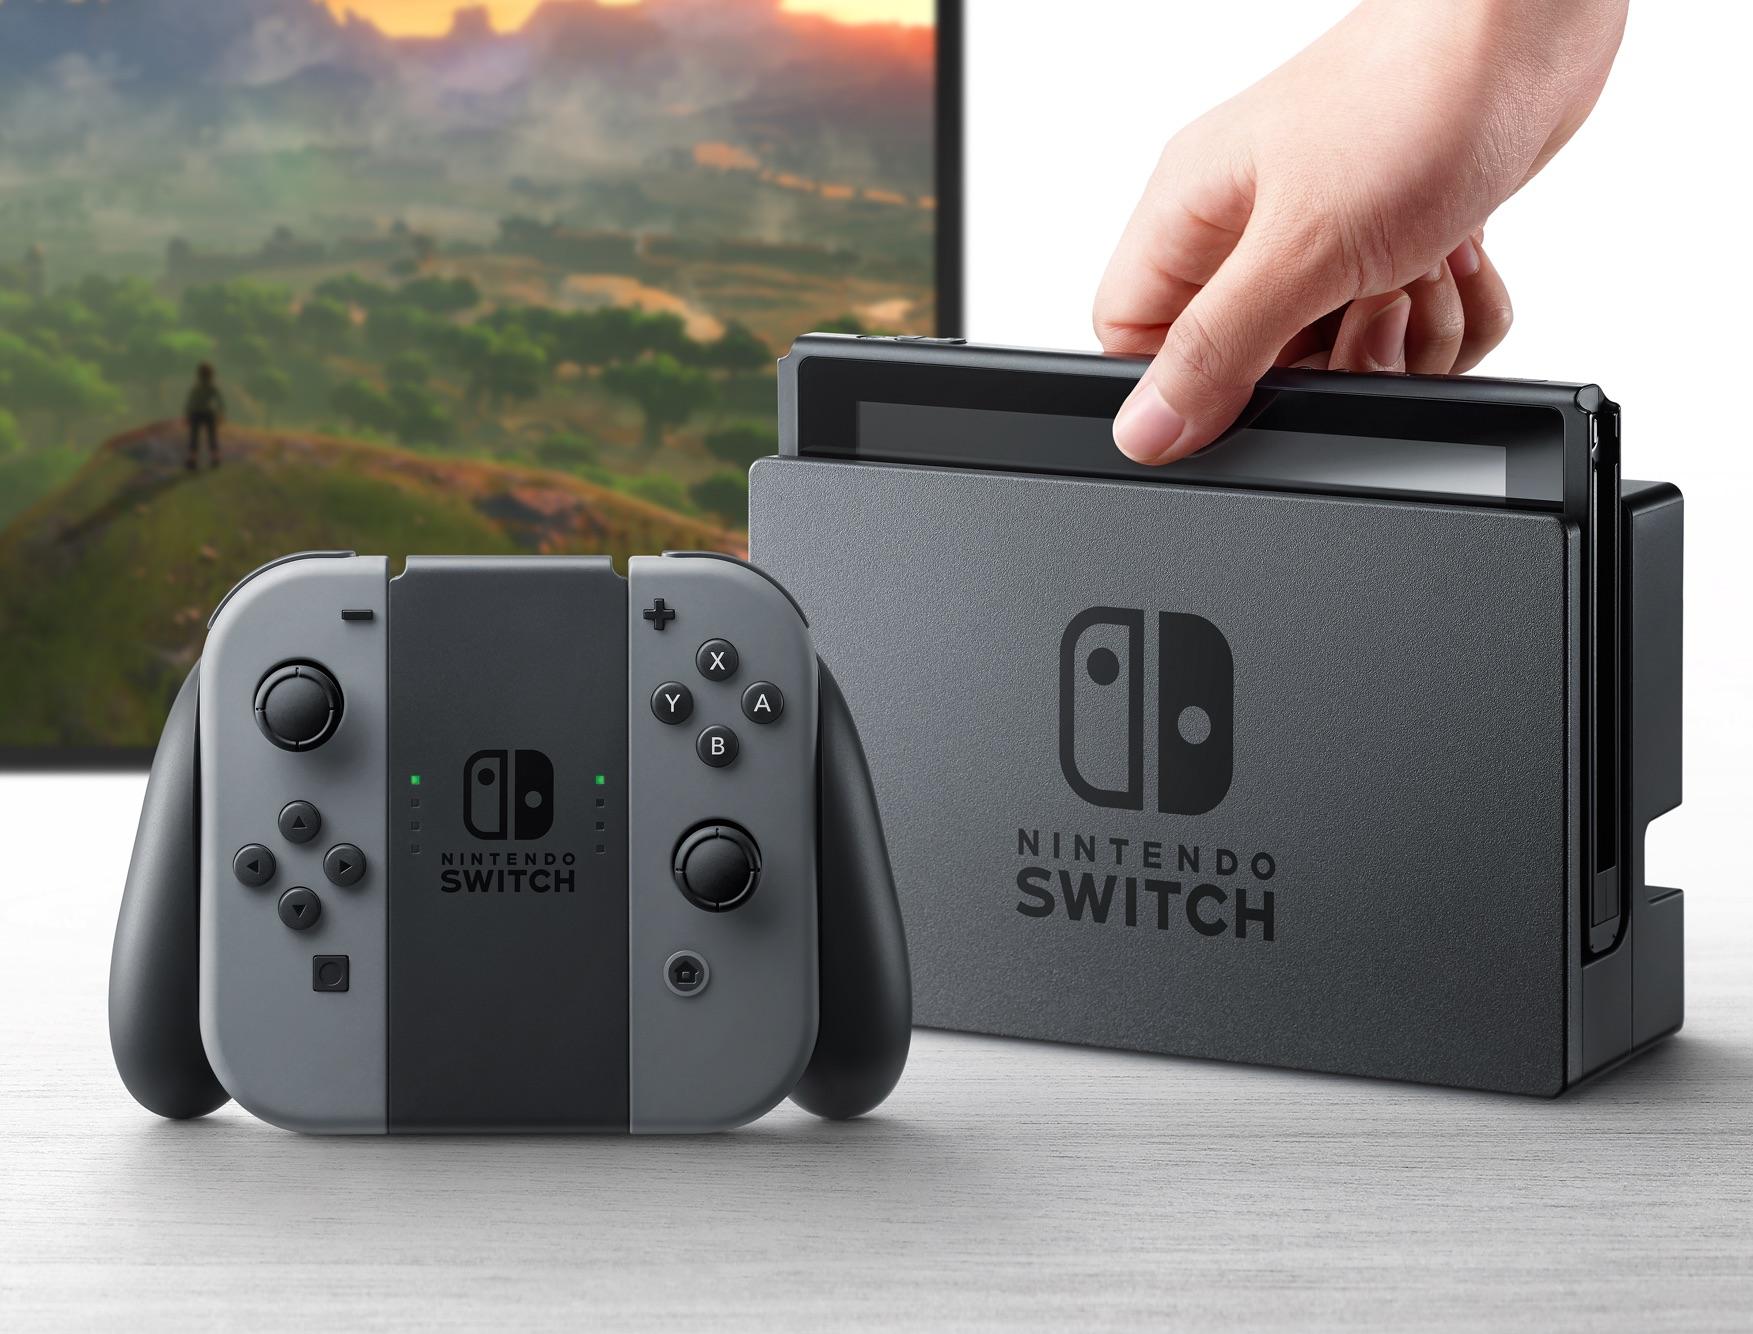 Nintendo Switch, nuovi dettagli durante l'evento del 13 Gennaio 2017